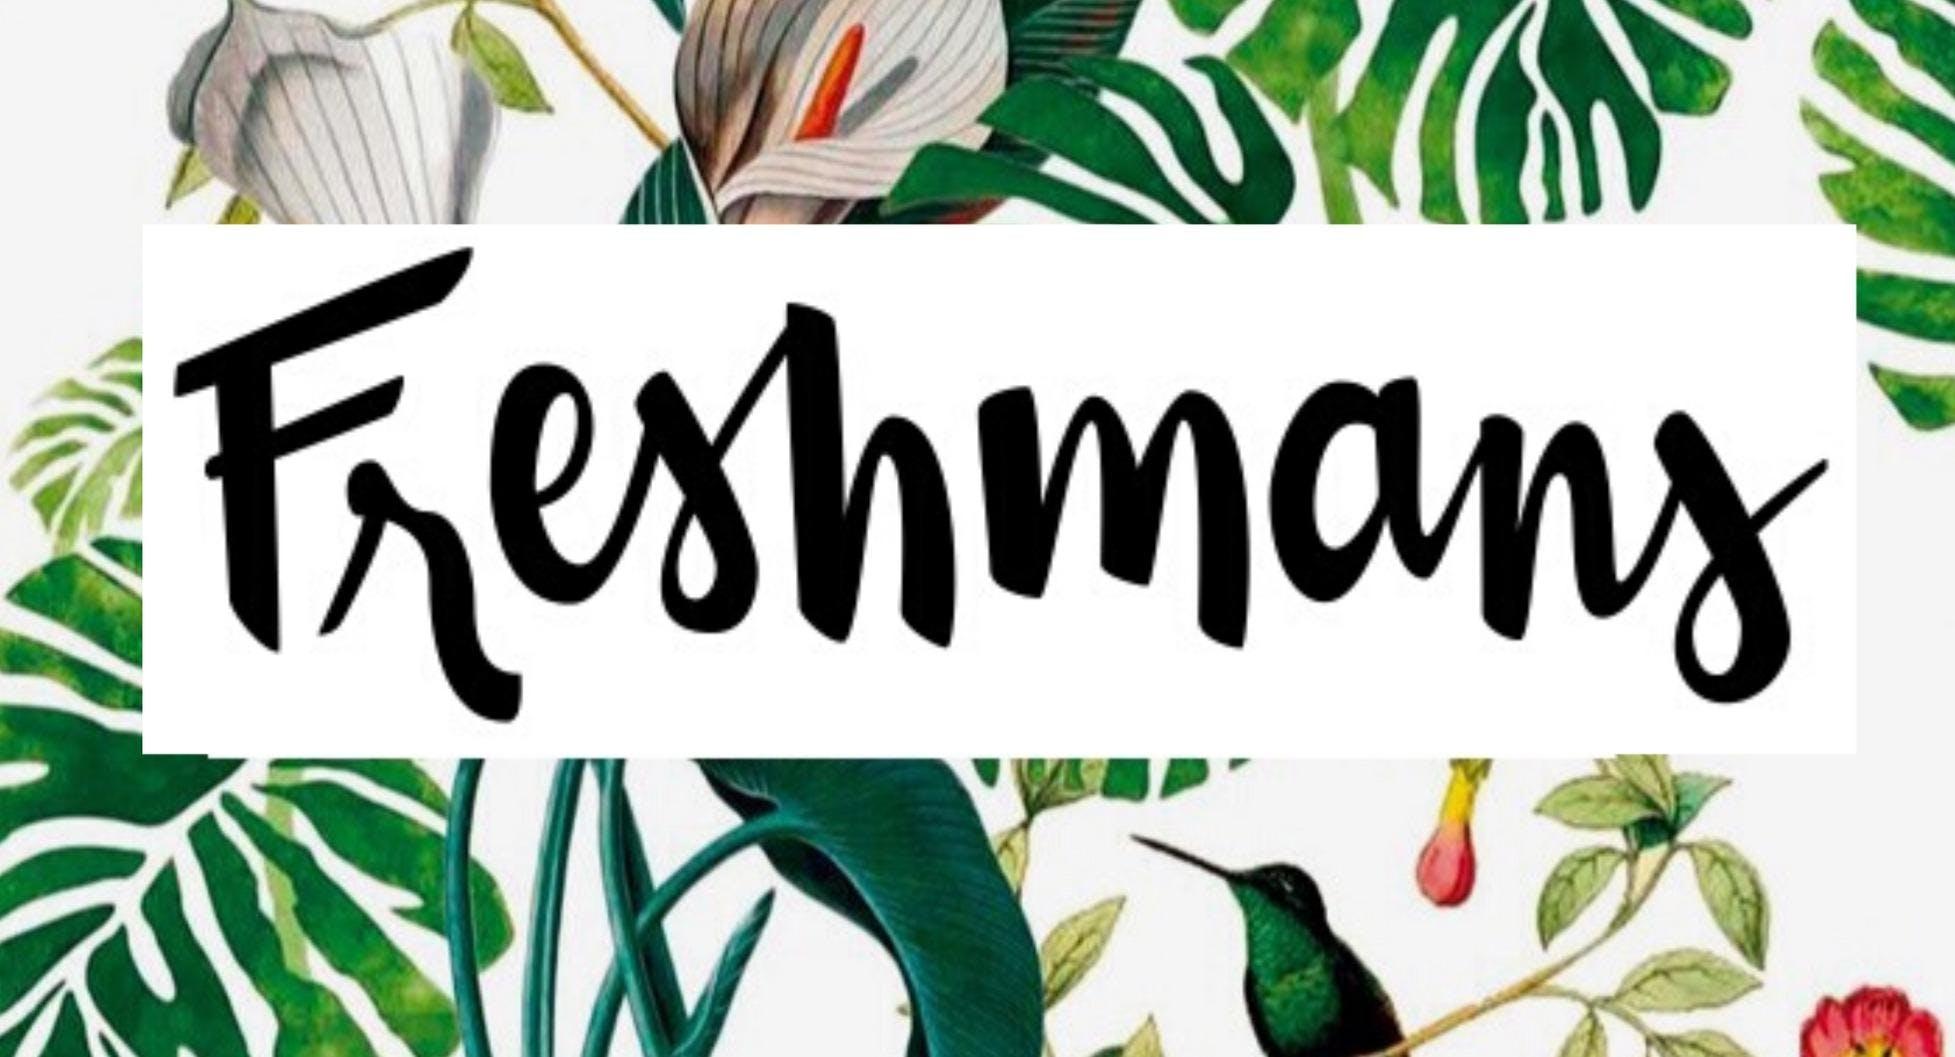 Freshmans